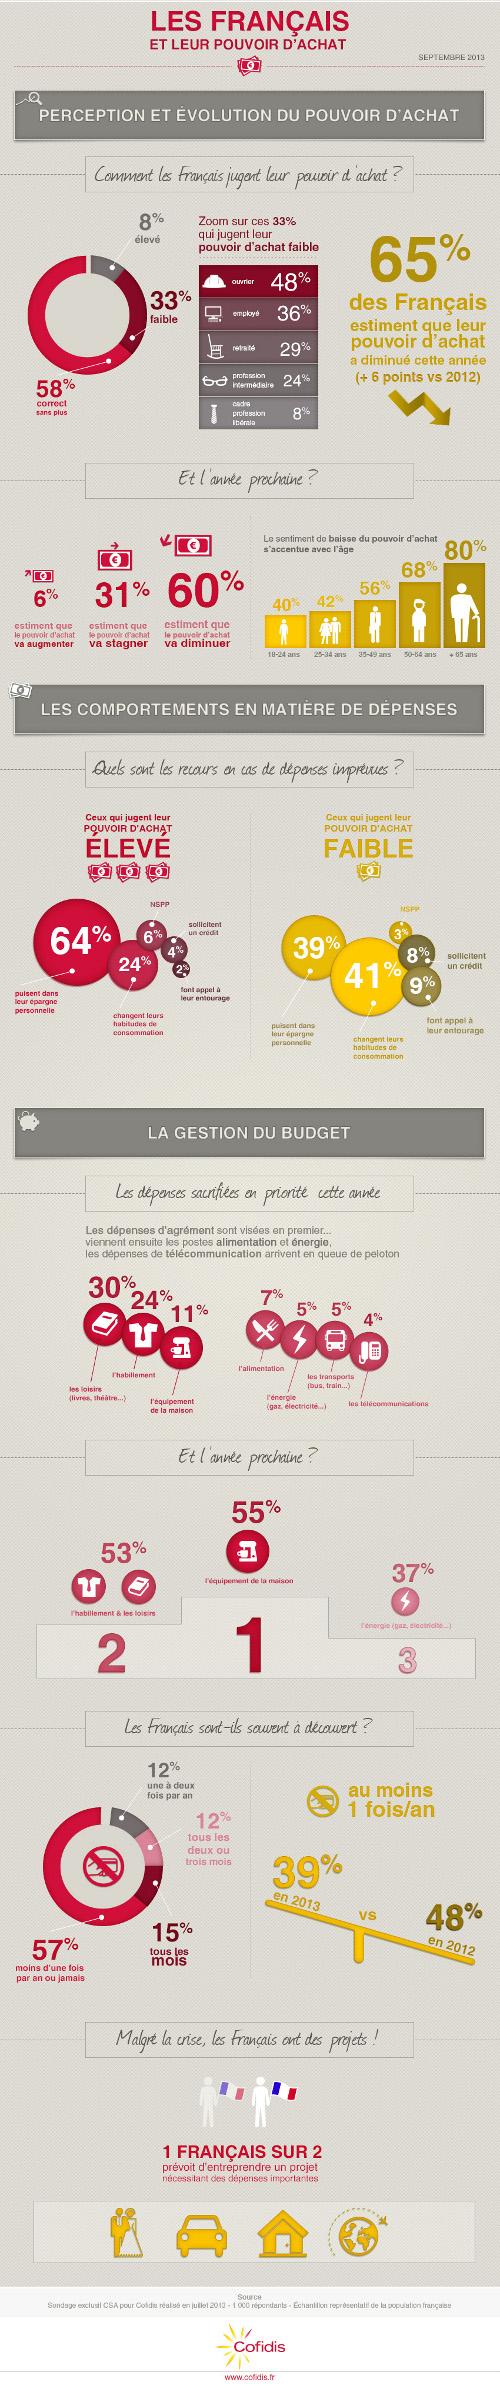 Le pouvoir d'achat en France en 2013, étude Cofidis